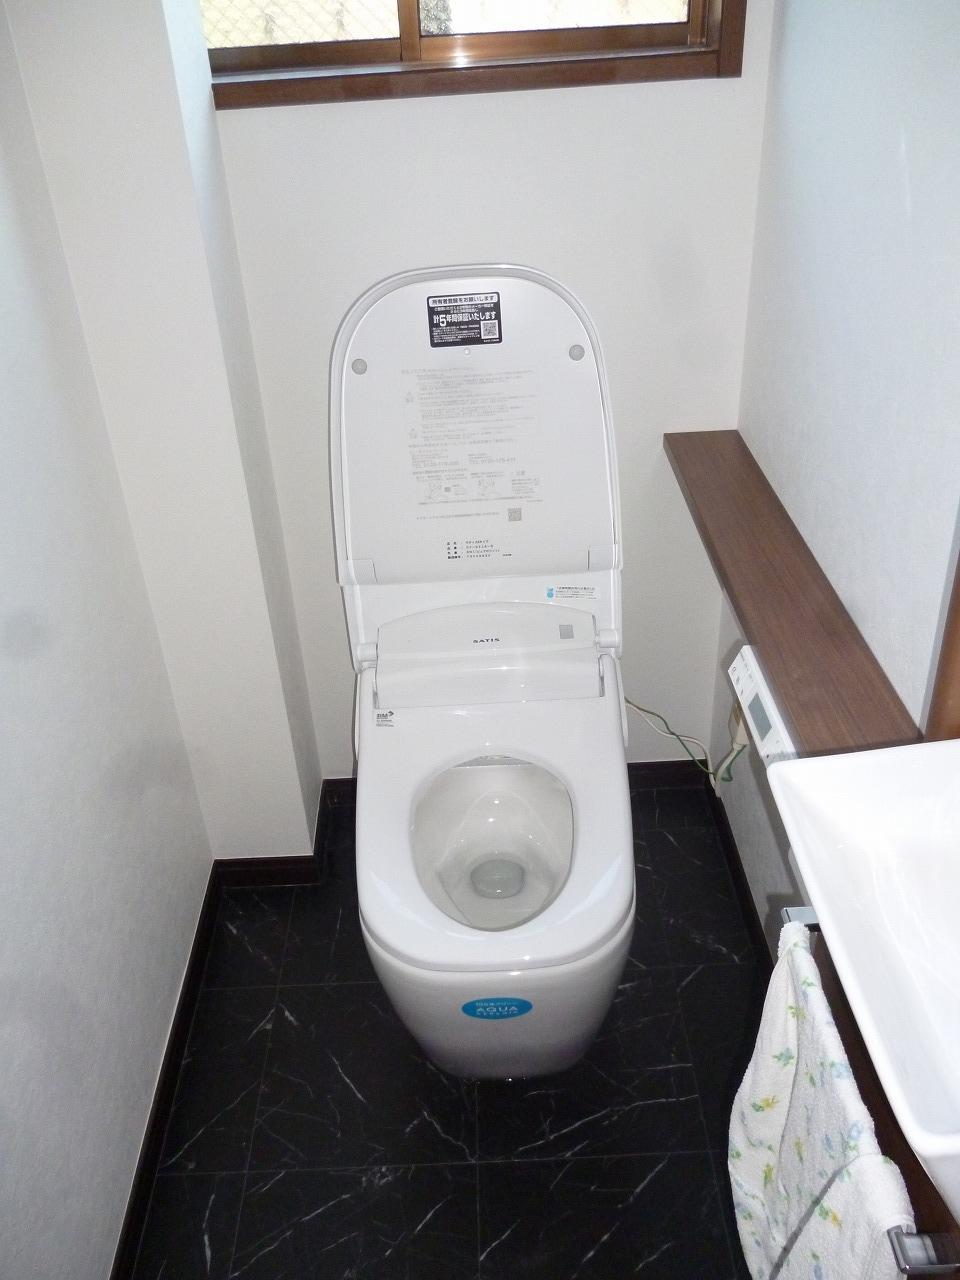 【トイレ改修工事】 美浜町 S様邸 2016年12月16日